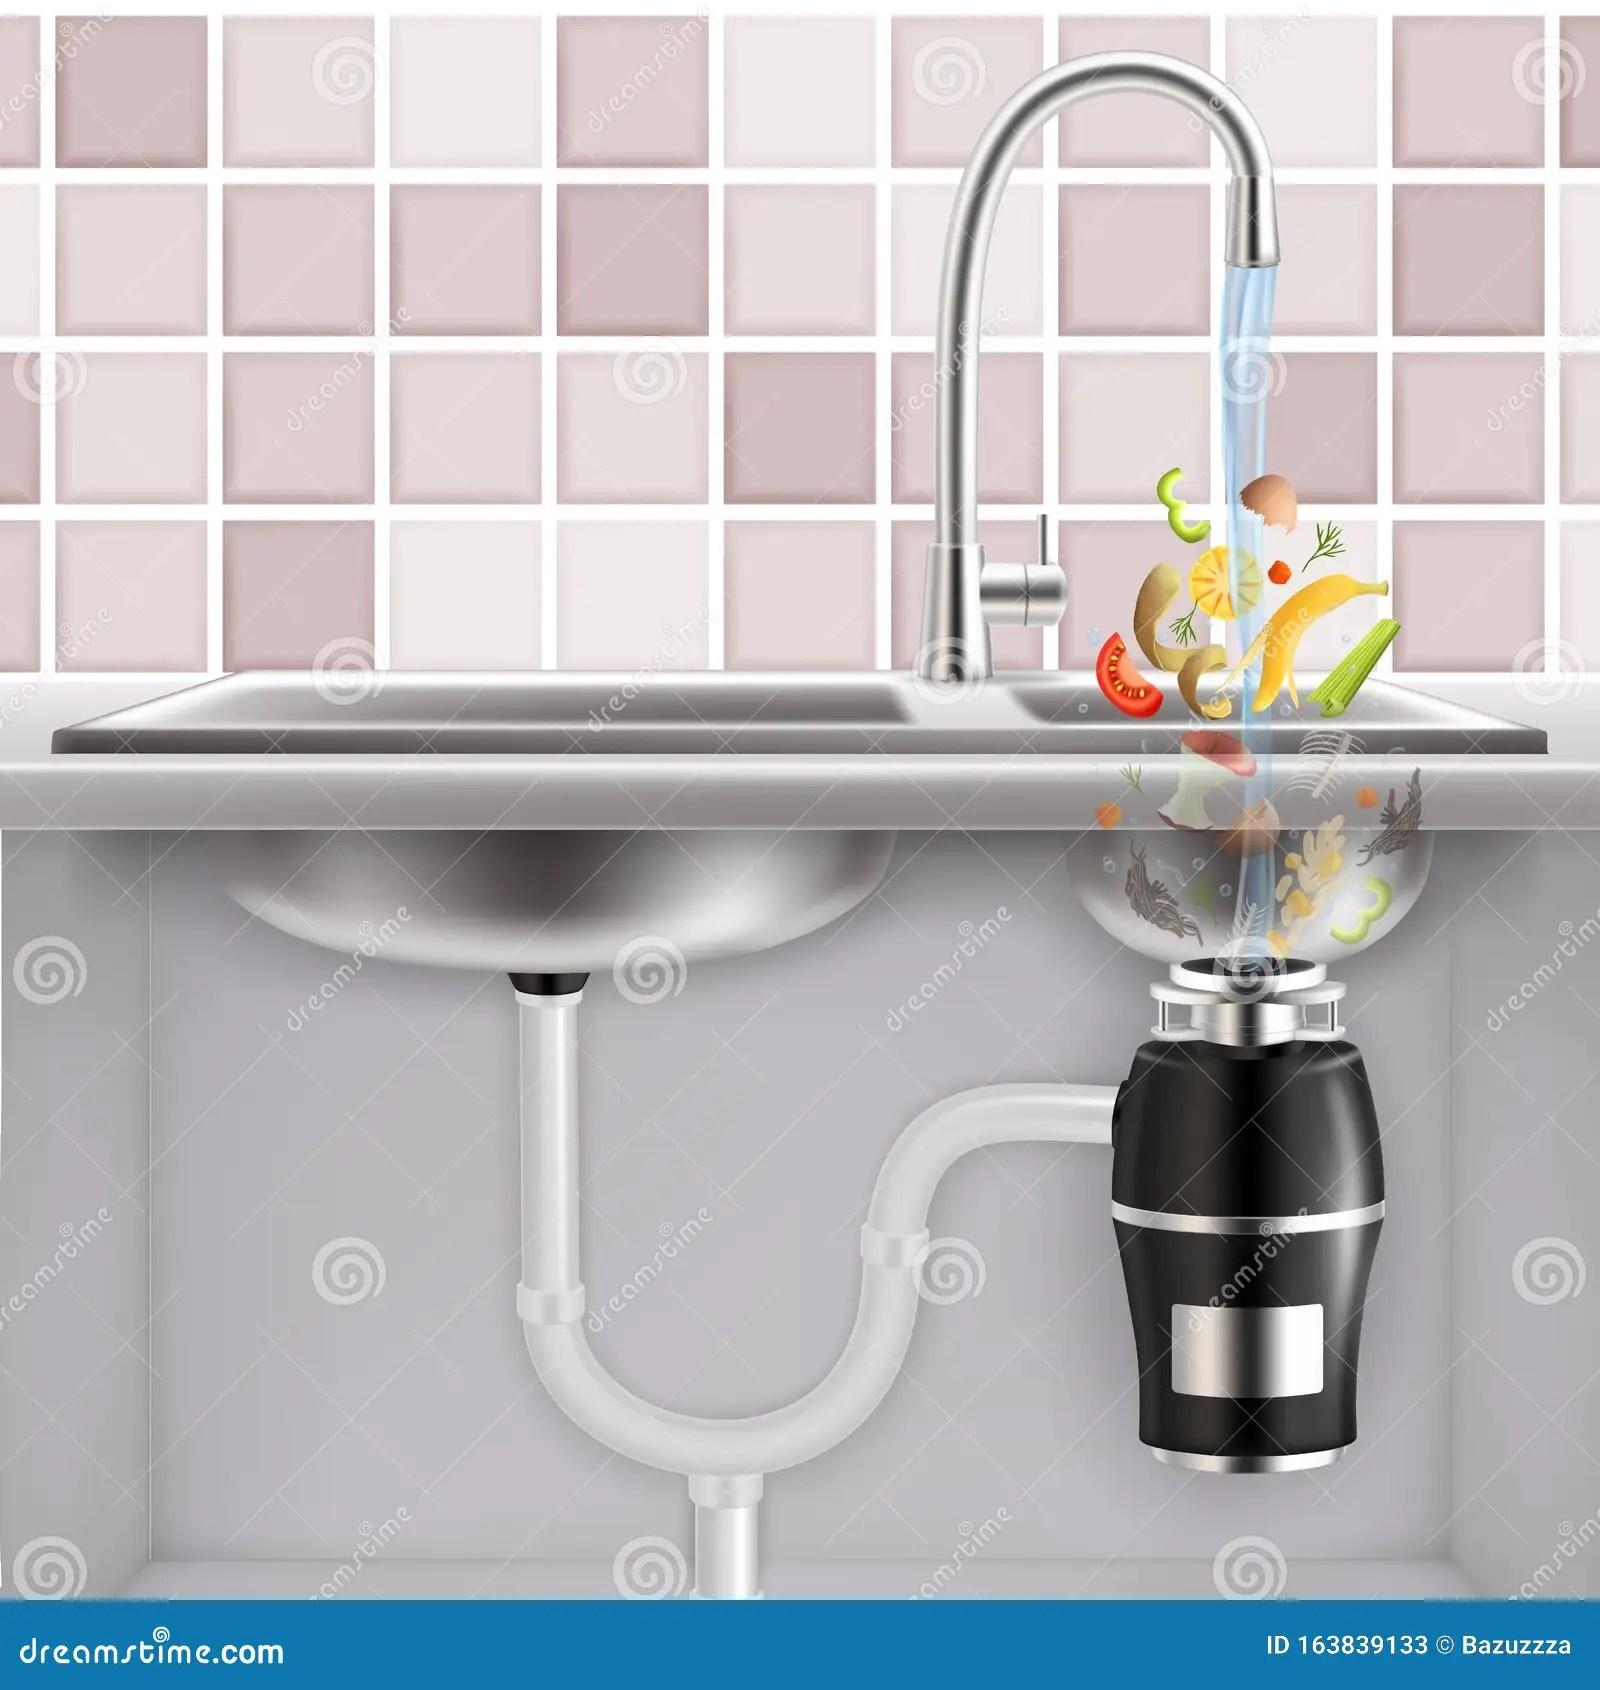 https www dreamstime com food waste disposer kitchen scraps vector realistic illustration fitted under sink slices fruits vegetables other image163839133